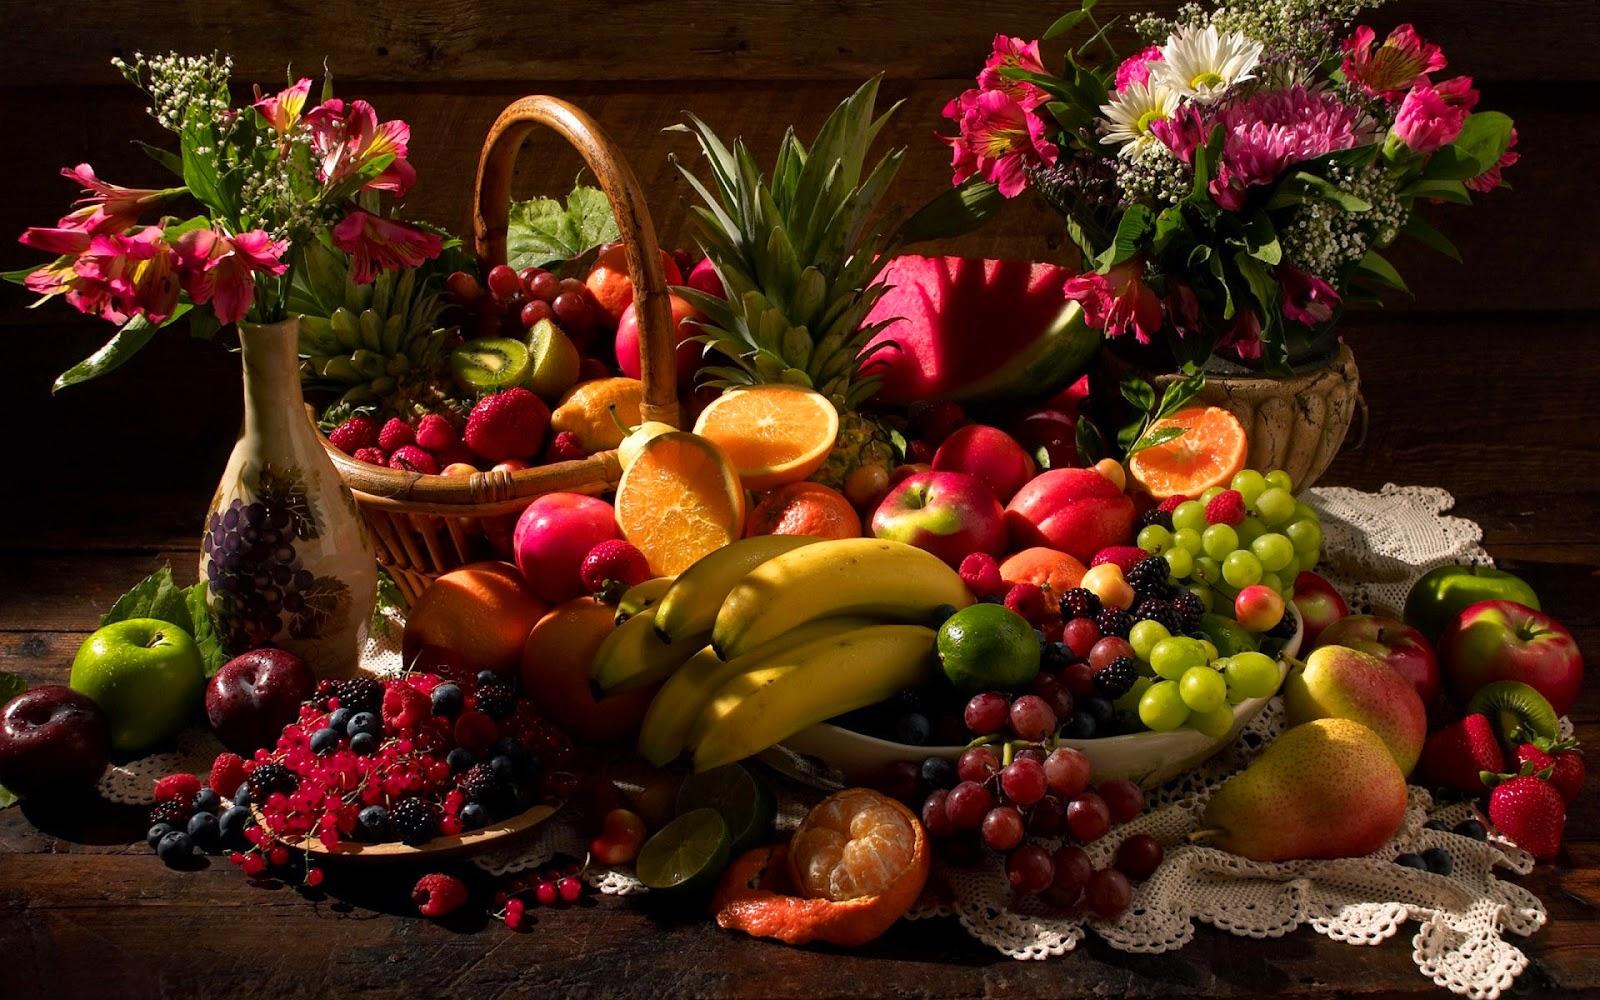 كيفية تحضير سلطة الفواكه اللذيذة